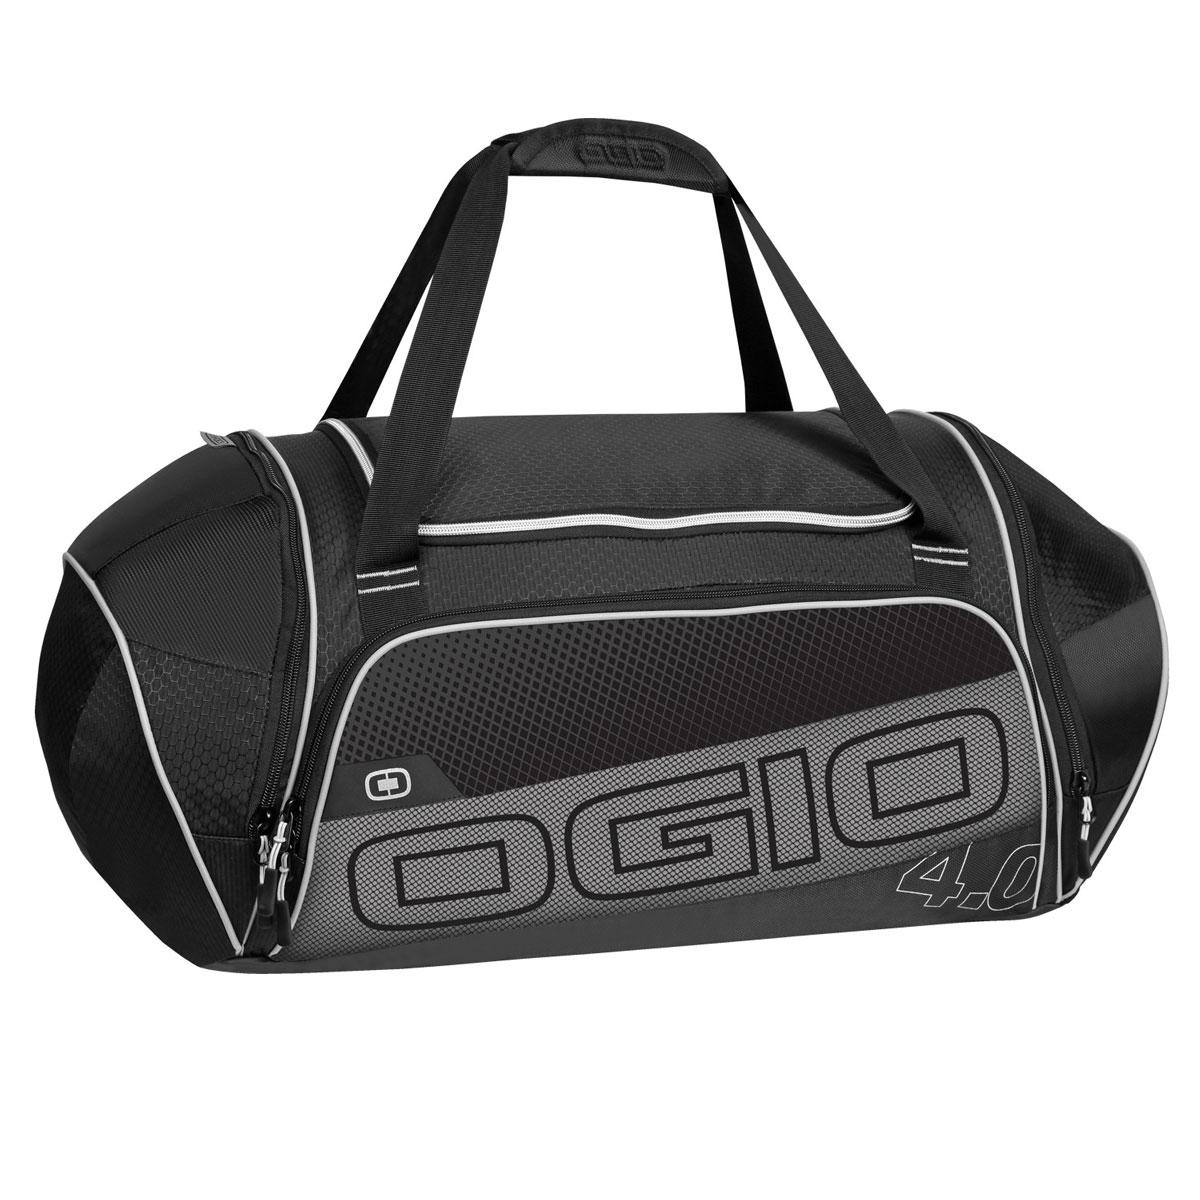 Сумка OGIO Endurance 4.0, цвет: черный, серый. 112037.030MD-533-2/4Сумка Ogio Endurance 4.0 имеет надежную и легкую конструкцию, обладающую высокой устойчивостью к растяжению.Особенности:Складывающаяся система наплечных ремней.Хорошо вентилируемое сетчатое отделение для обуви.Износостойкое и устойчивое к истиранию брезентовое основание.Особое отделение для продуктов питания.Легкая, износоустойчивая и прочная на разрыв ткань.Вместительное основное отделение.Боковой карман с двусторонней застежкой на молнии.Устойчивая к поту, мягкая литая ручка для переноски.Передний карман на молнии для хранения аксессуаров.Большой карман для бутылки с водой.Яркая подкладка.Объем: 47 л. Материал: кареточная ткань 420D, кареточная ткань.